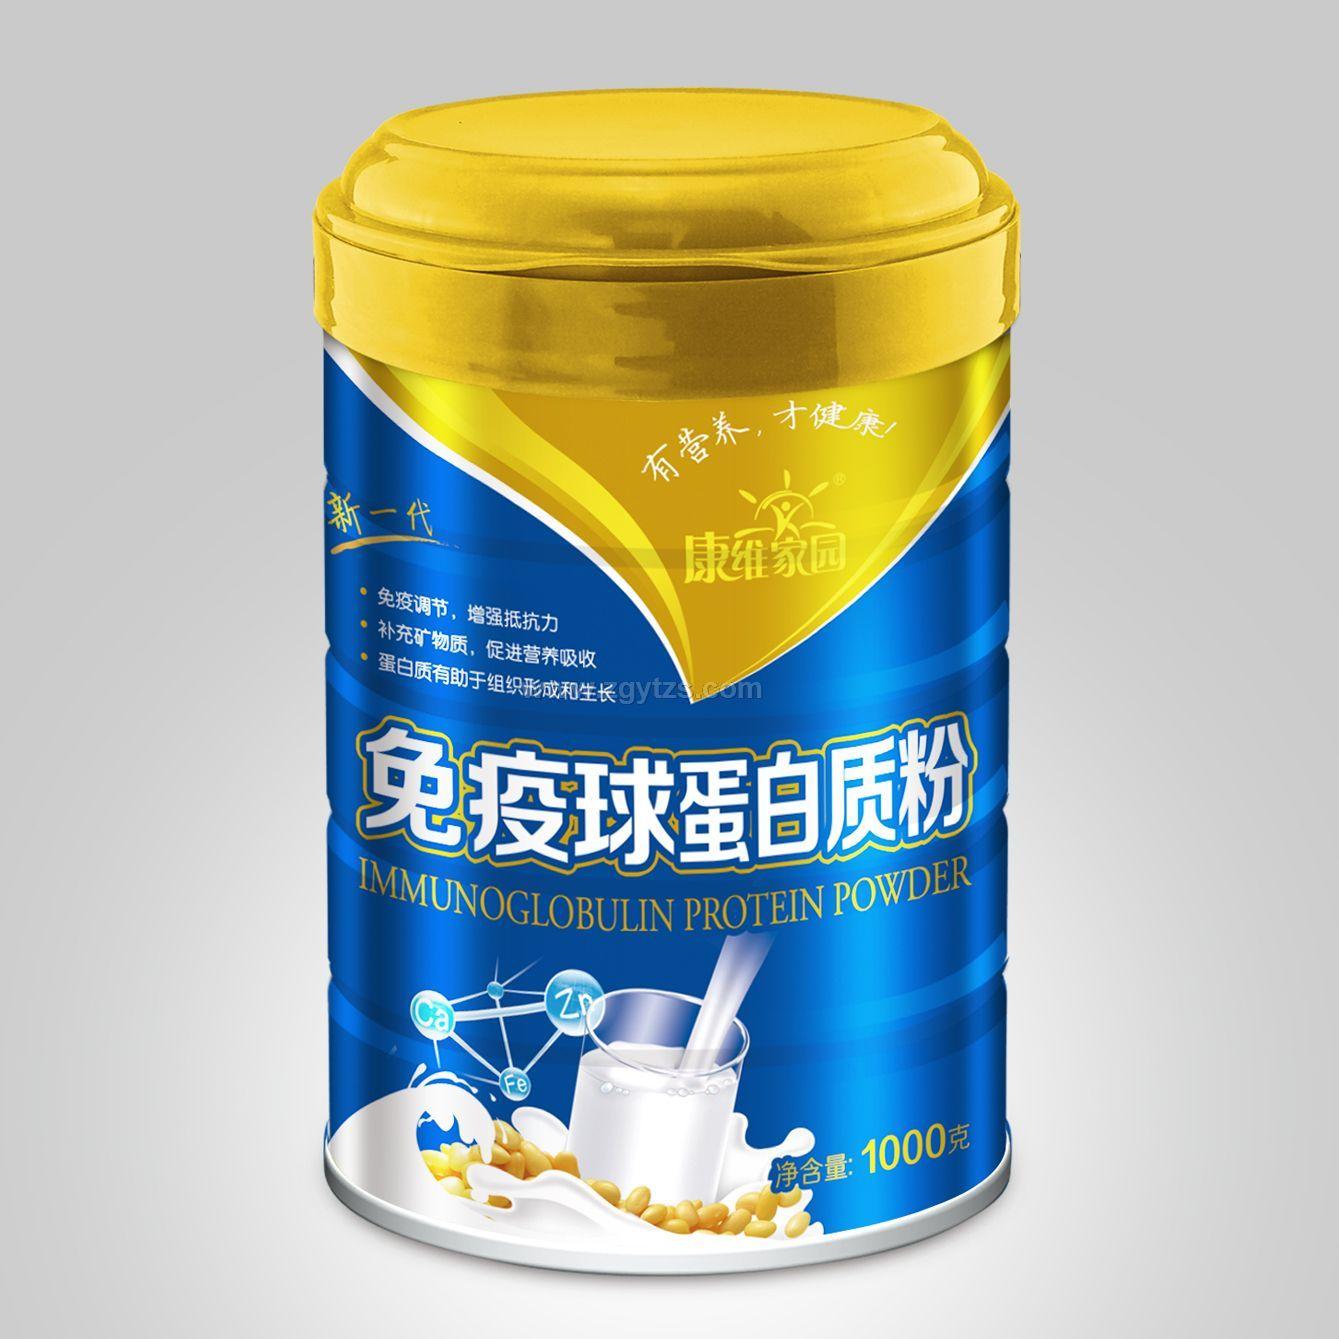 免疫球蛋白质粉